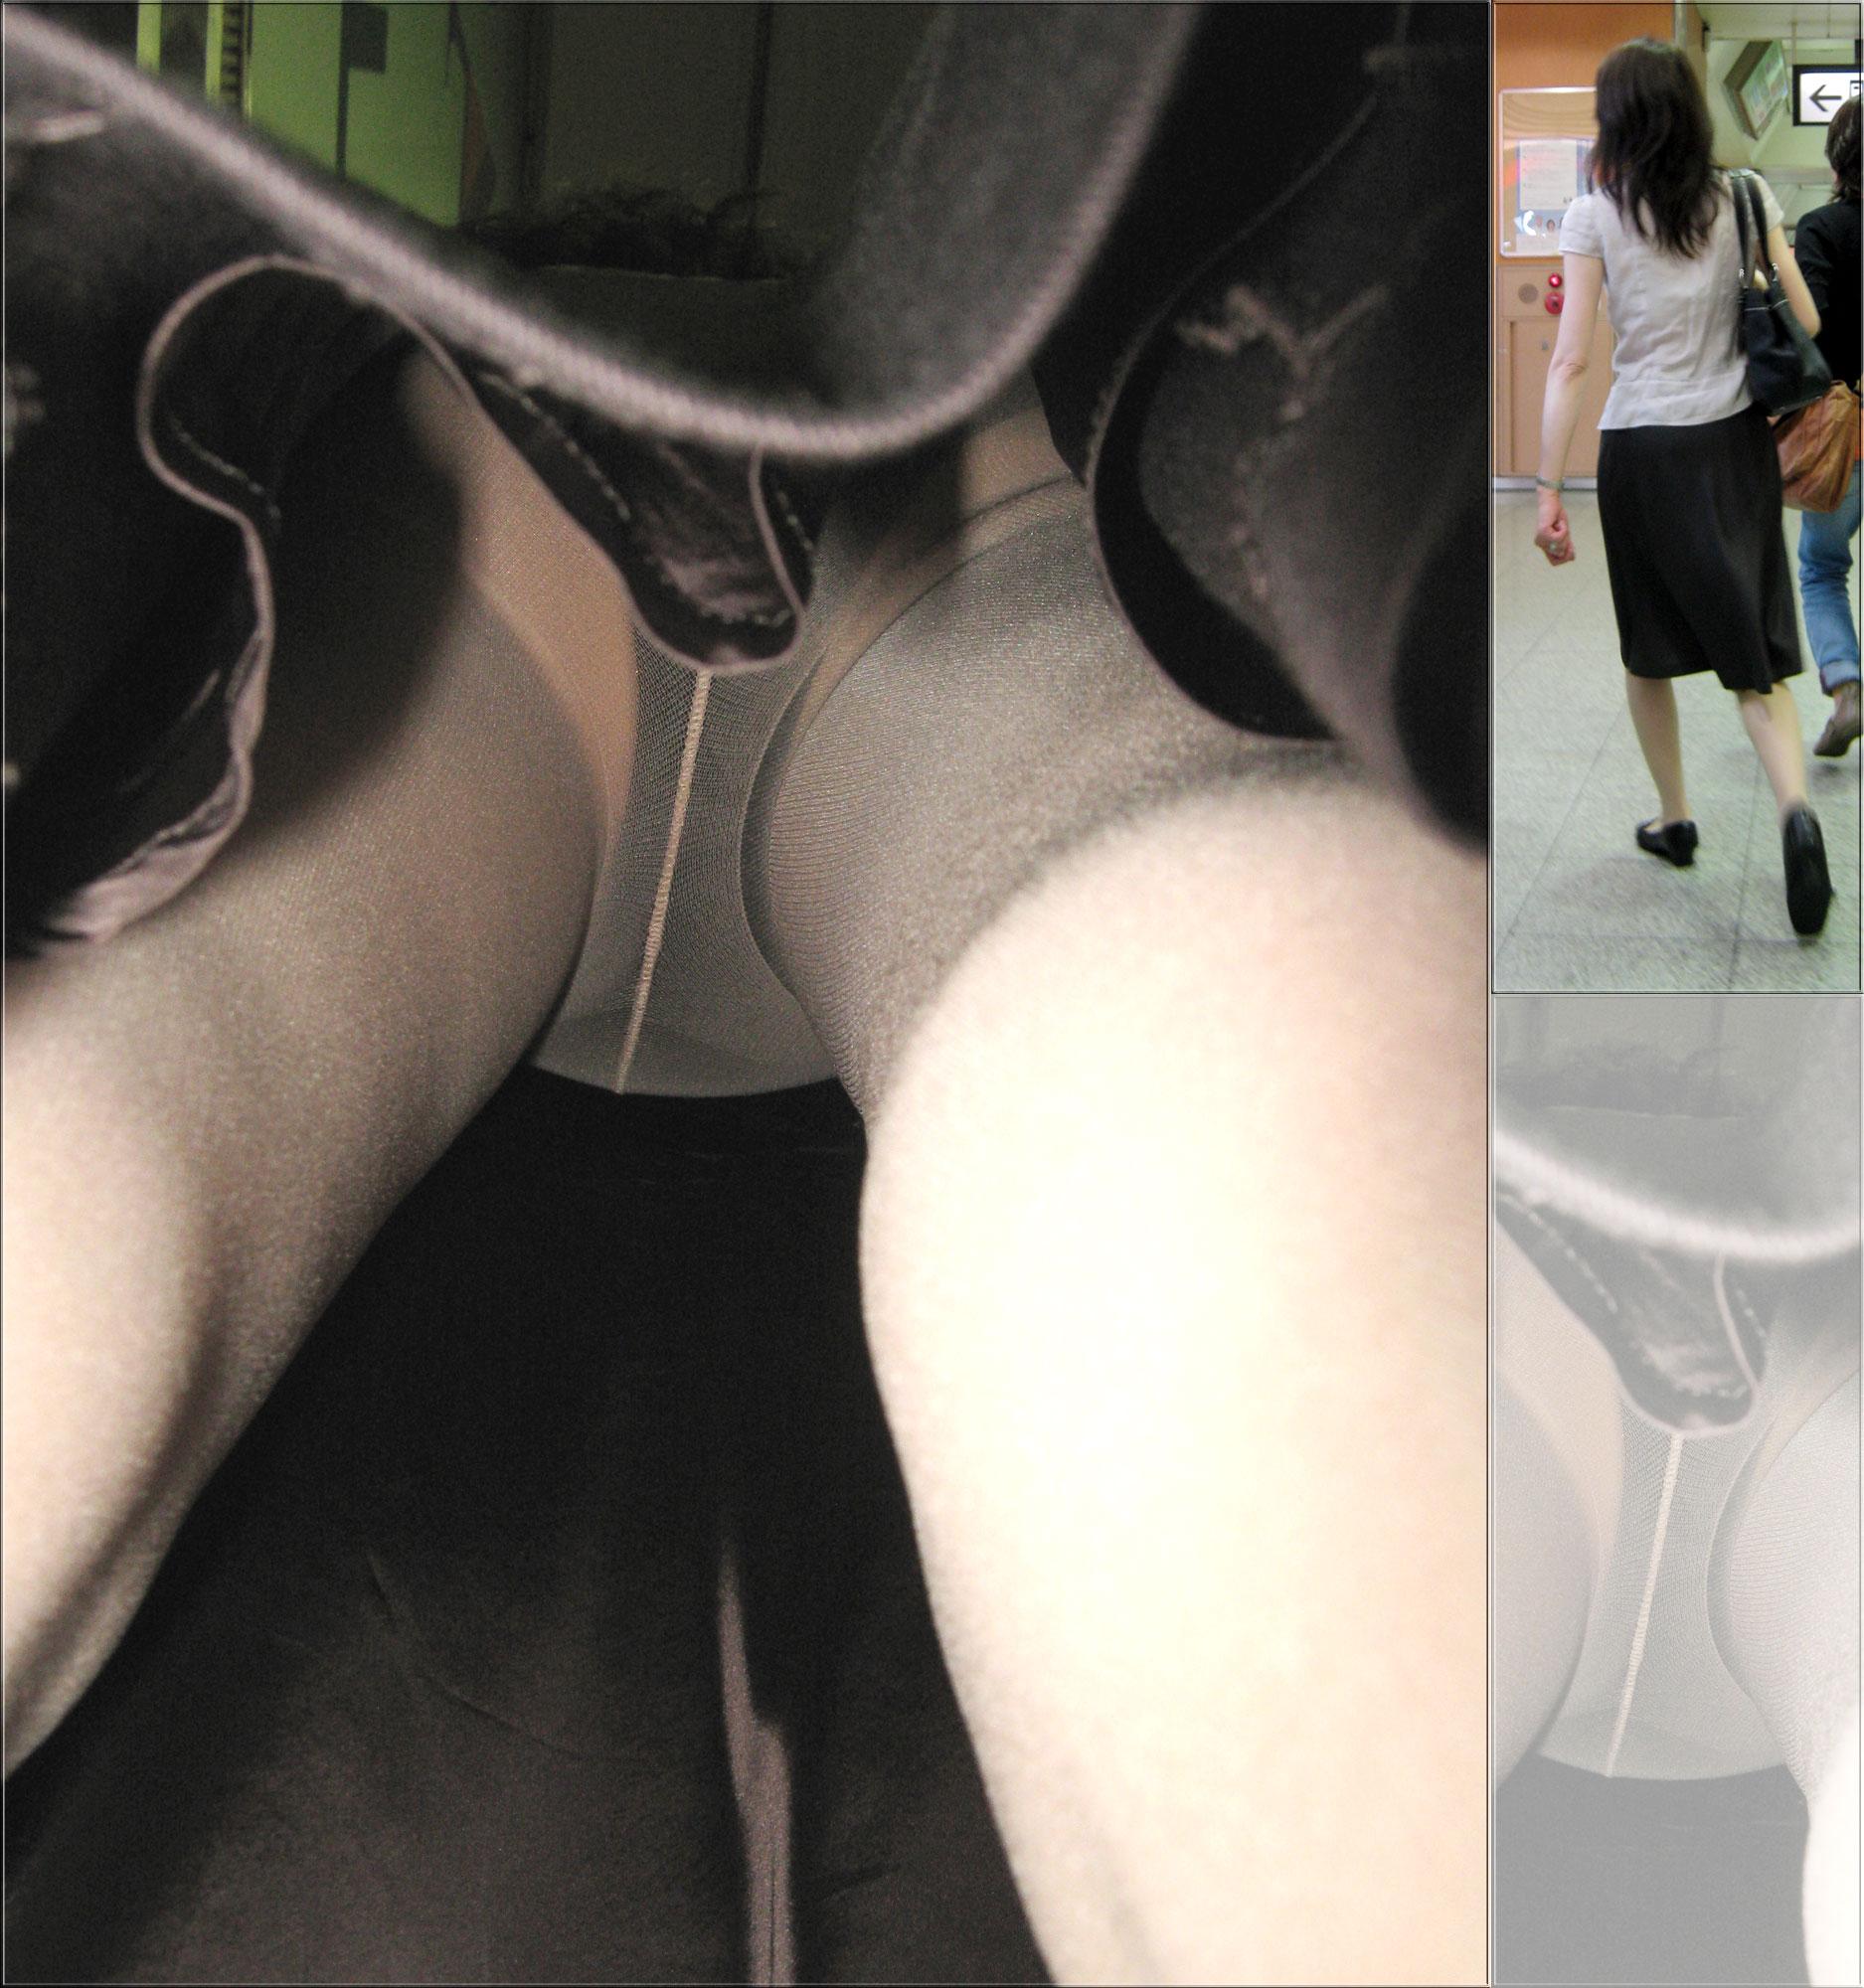 【パンチラエロ画像】高くついた靴カメラだからw確実に尻まで拝んだ逆さ撮り(*´д`*)